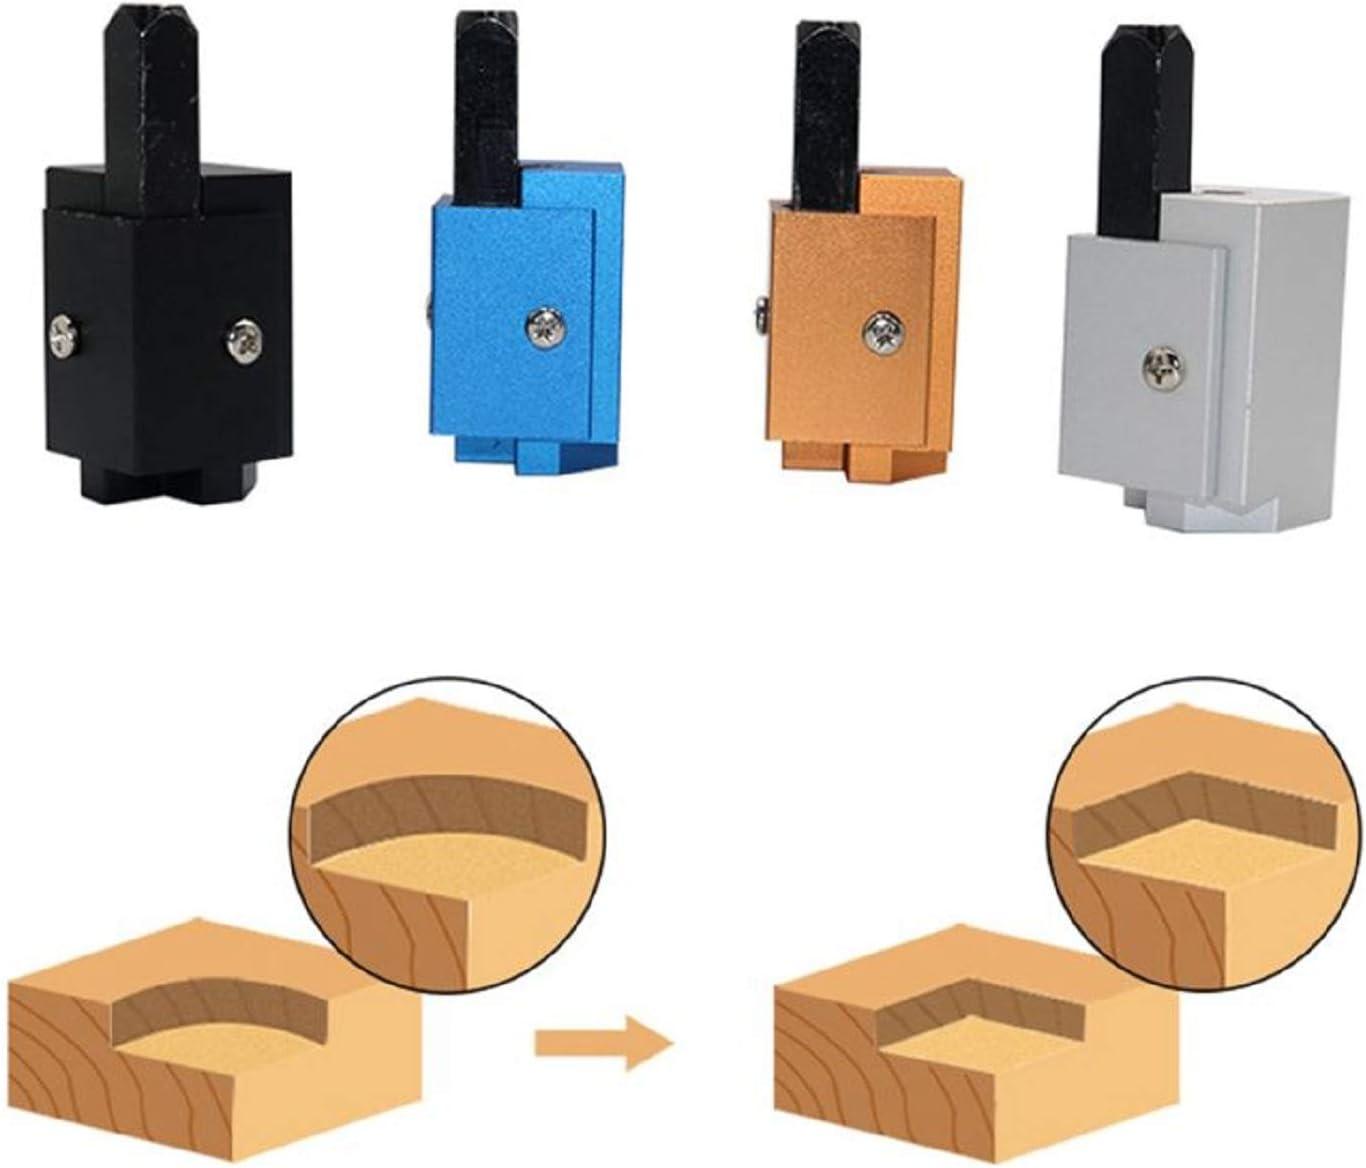 Scalpello angolare per intaglio del legno su incavi per cerniere quadrate in legno Scalpello per intaglio ad angolo retto per utensili a scalpello per la lavorazione del legno Black